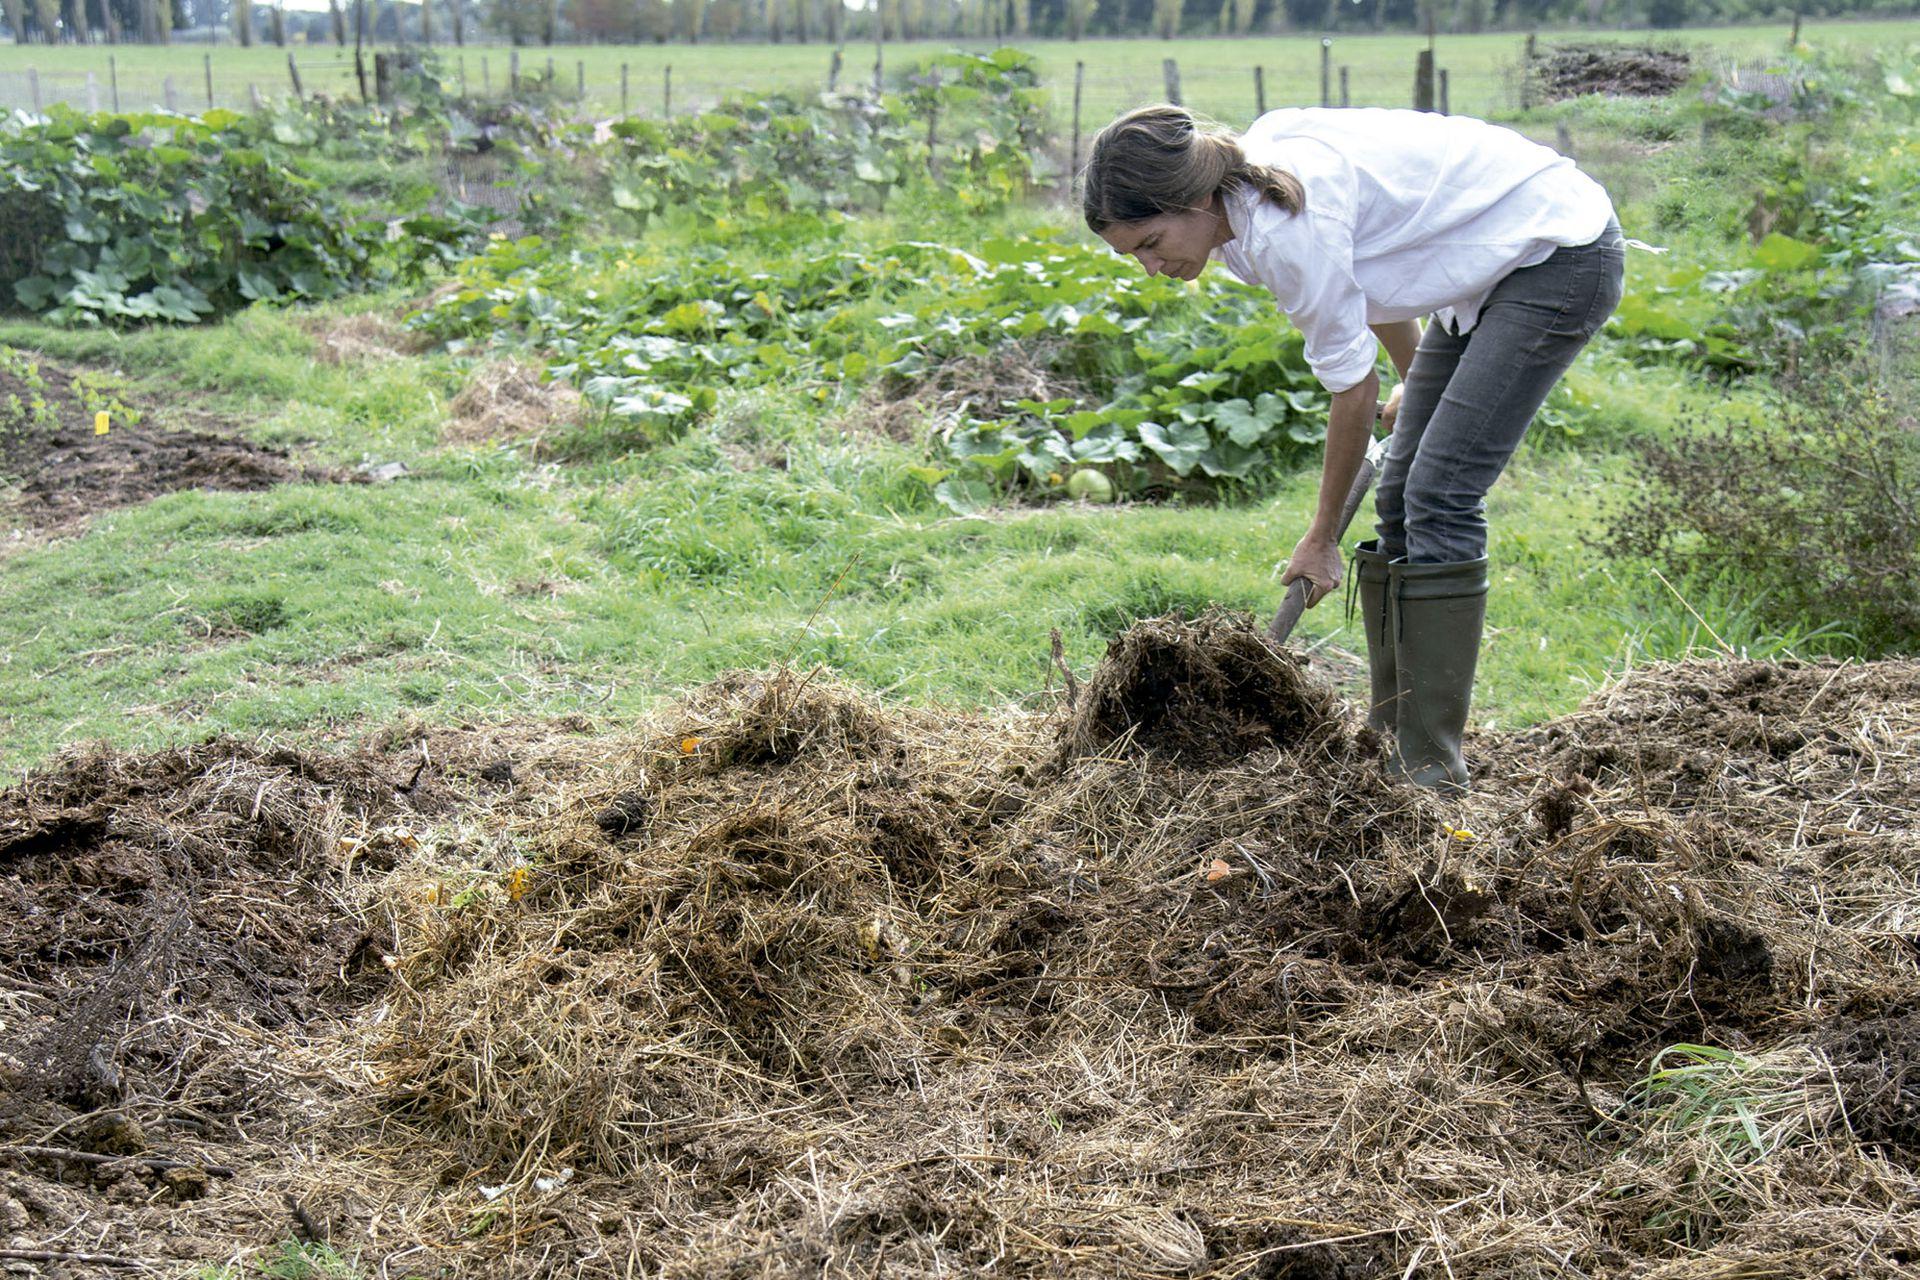 Al hacer compost, imitamos a la naturaleza, ya que con él activamos procesos orgánicos para fabricar fertilizantes naturales que alimentan el suelo.